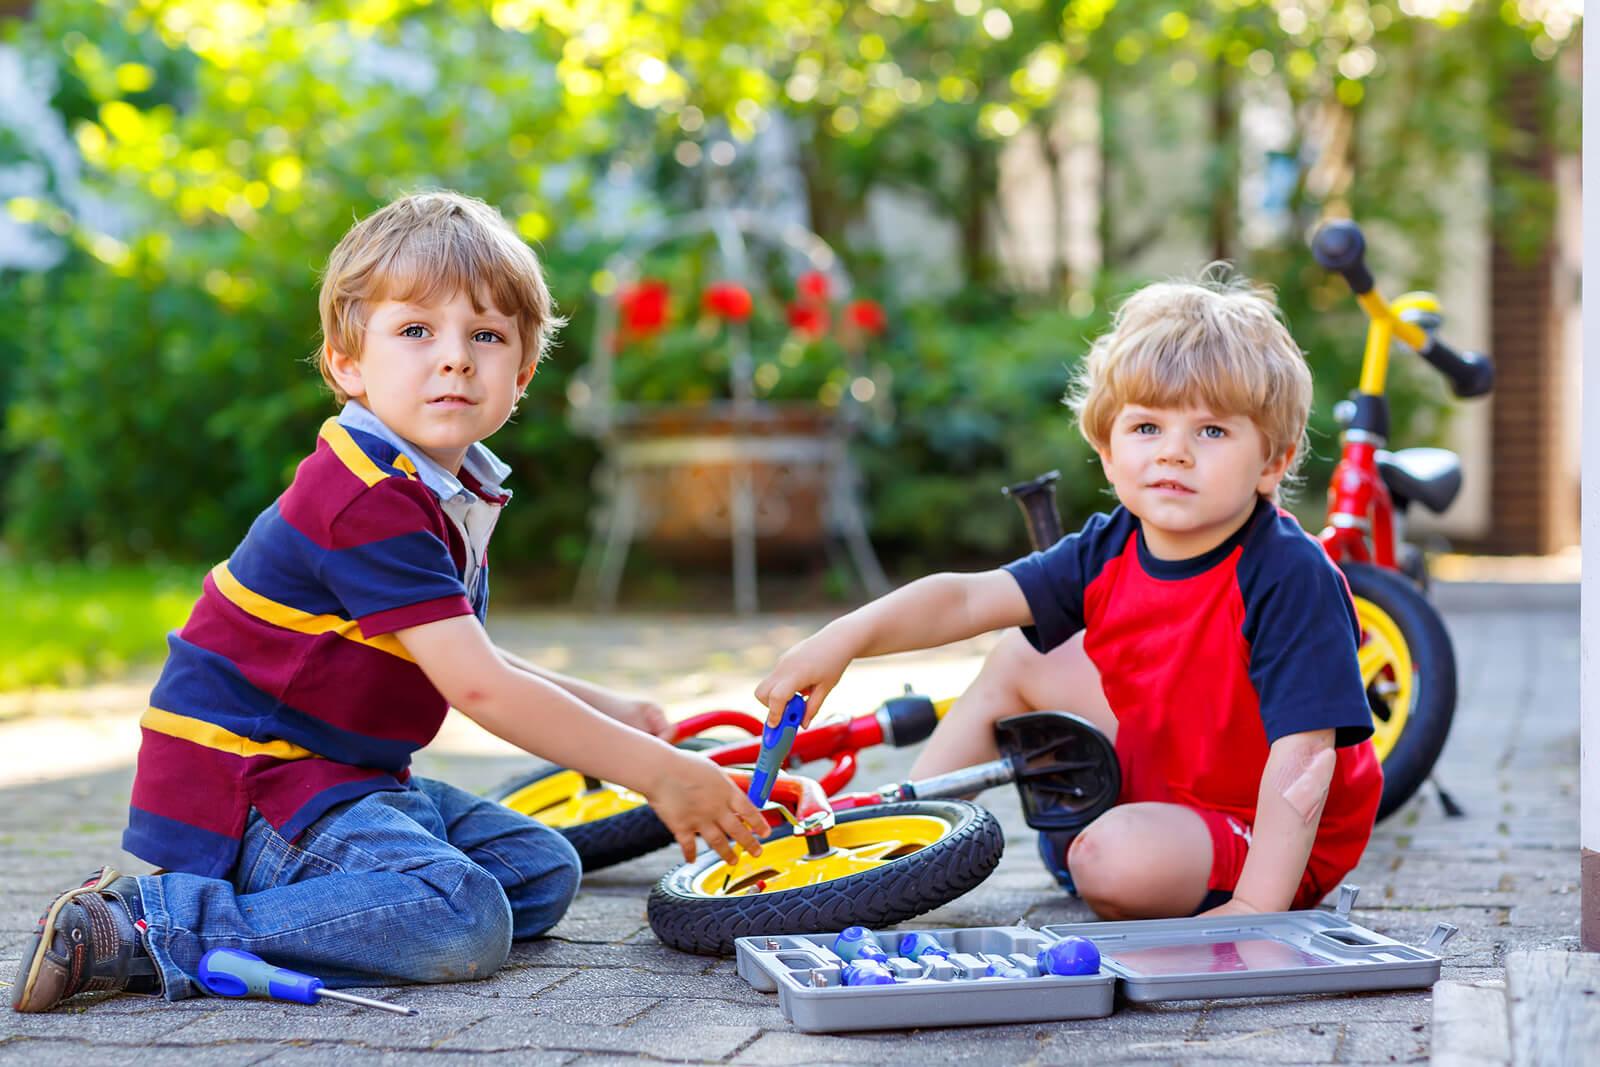 Niños jugando a arreglar una bicicleta para fomentar sus talentos.